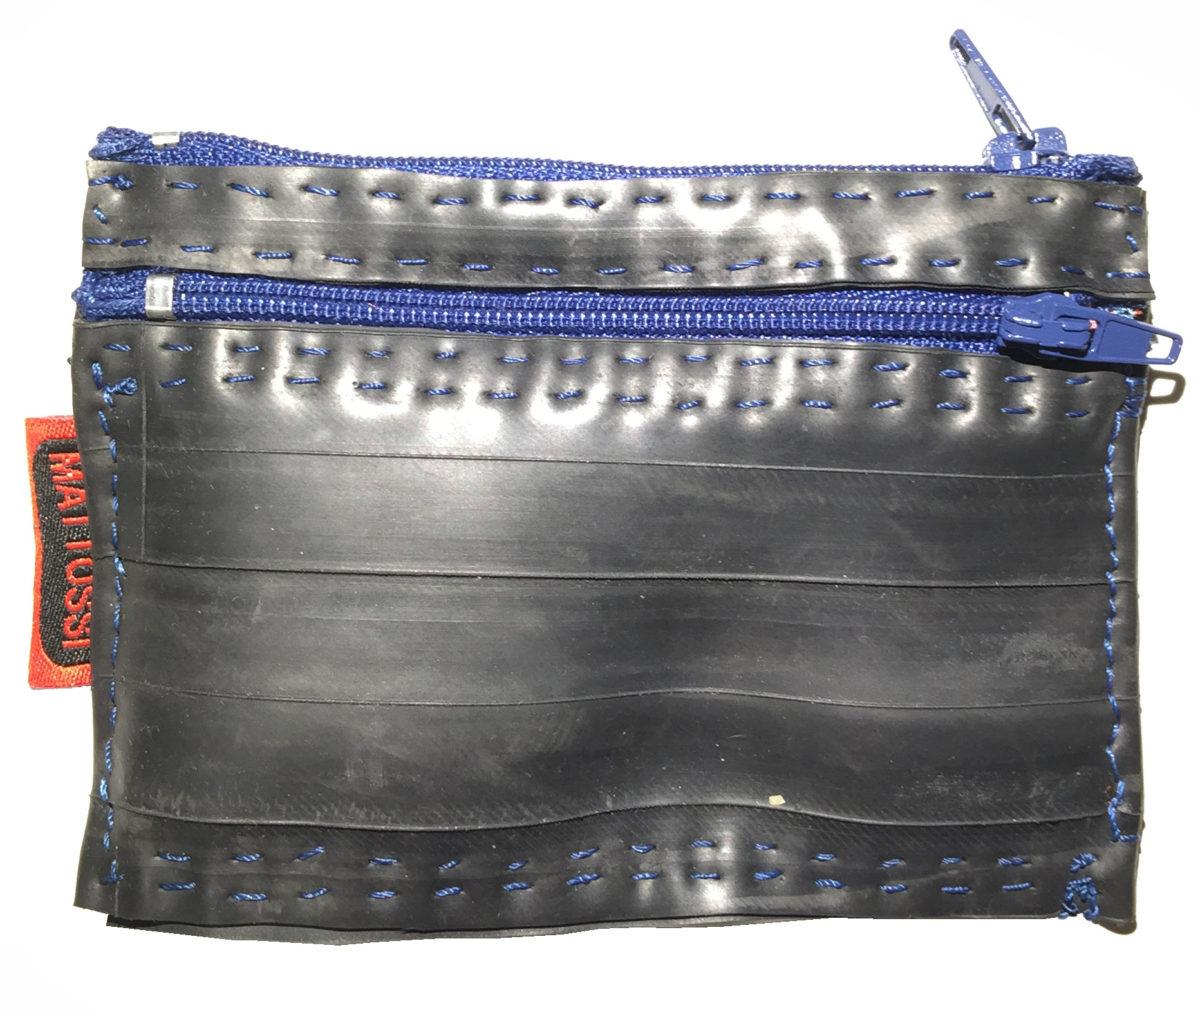 REF-00134 – Porte-monnaie avec 2 fermetures zip 10cm – fil bleu